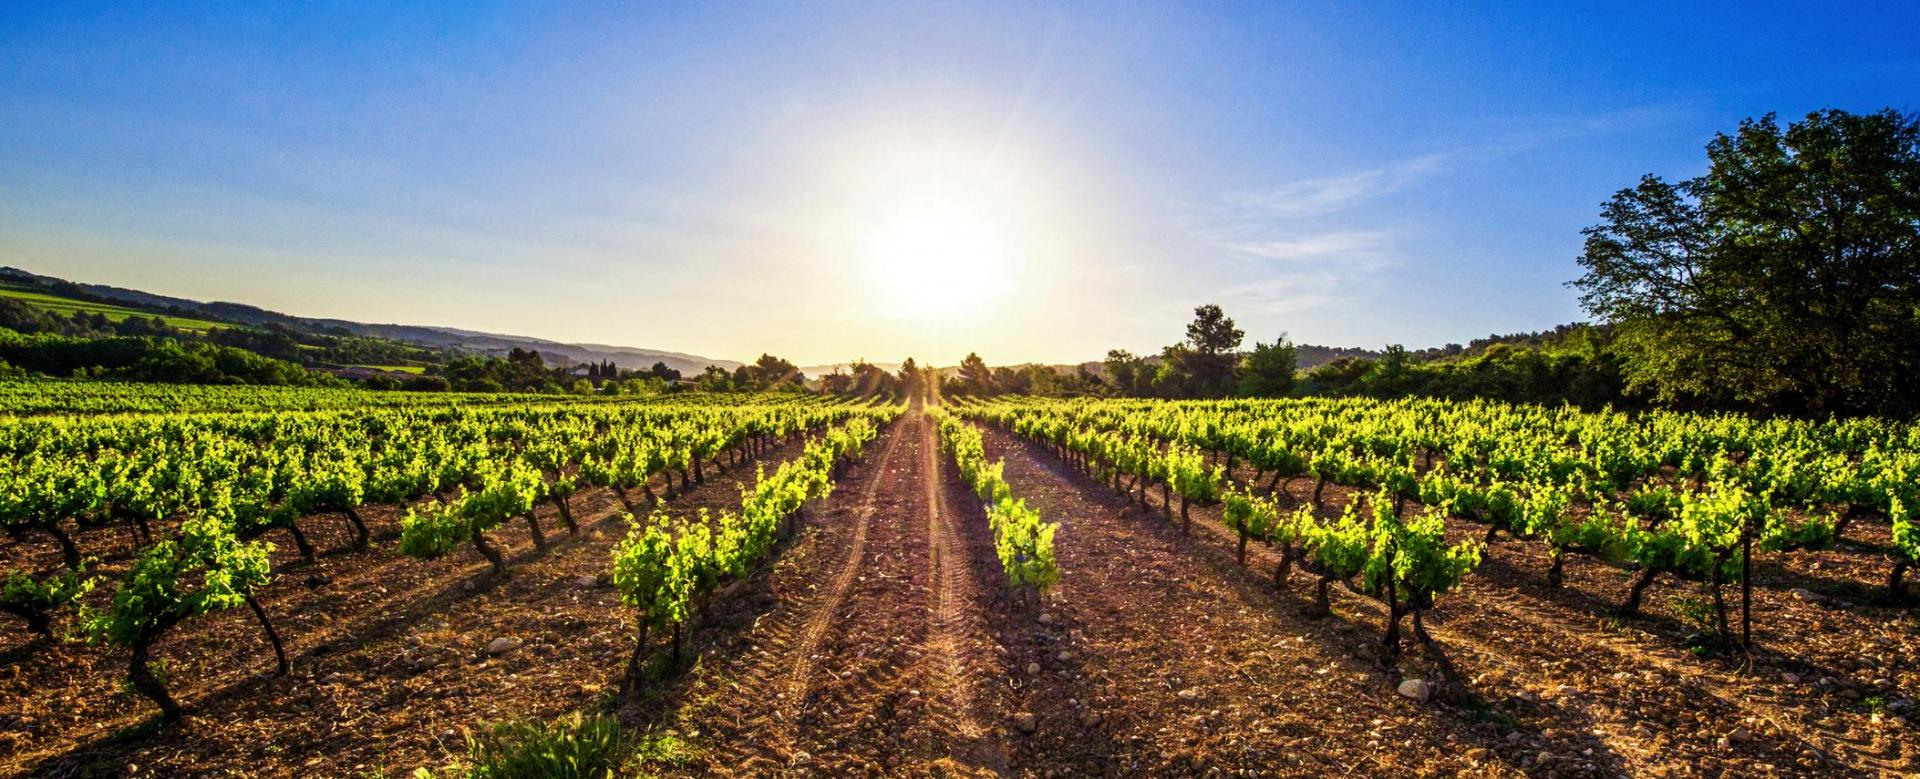 Voyage en véhicule : Les vignobles de la rioja à vélo